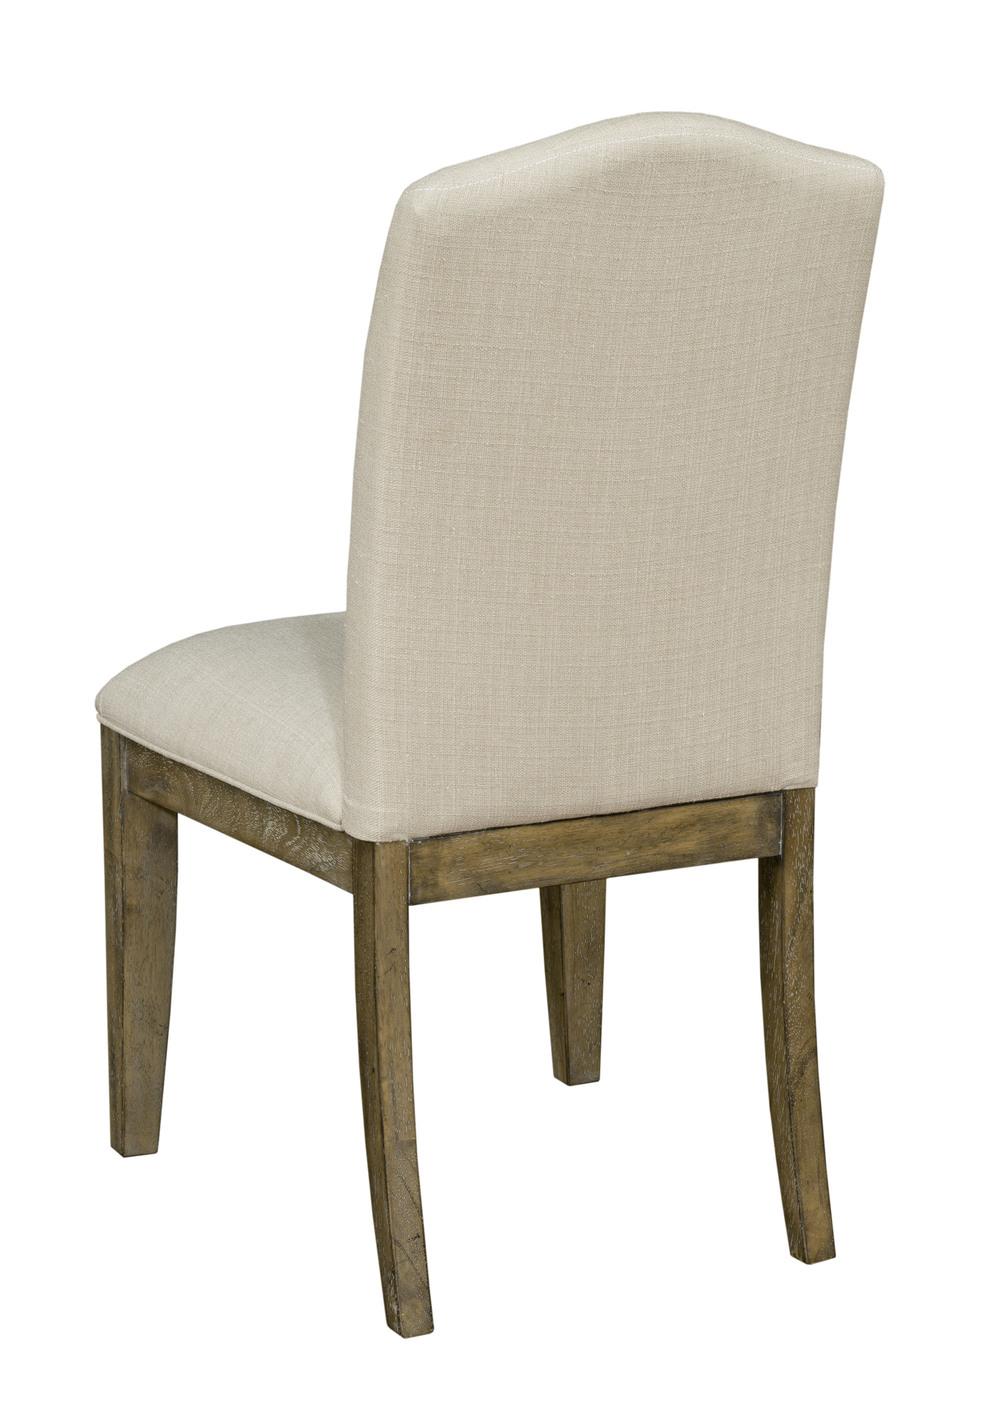 Kincaid Furniture - Parsons Side Chair